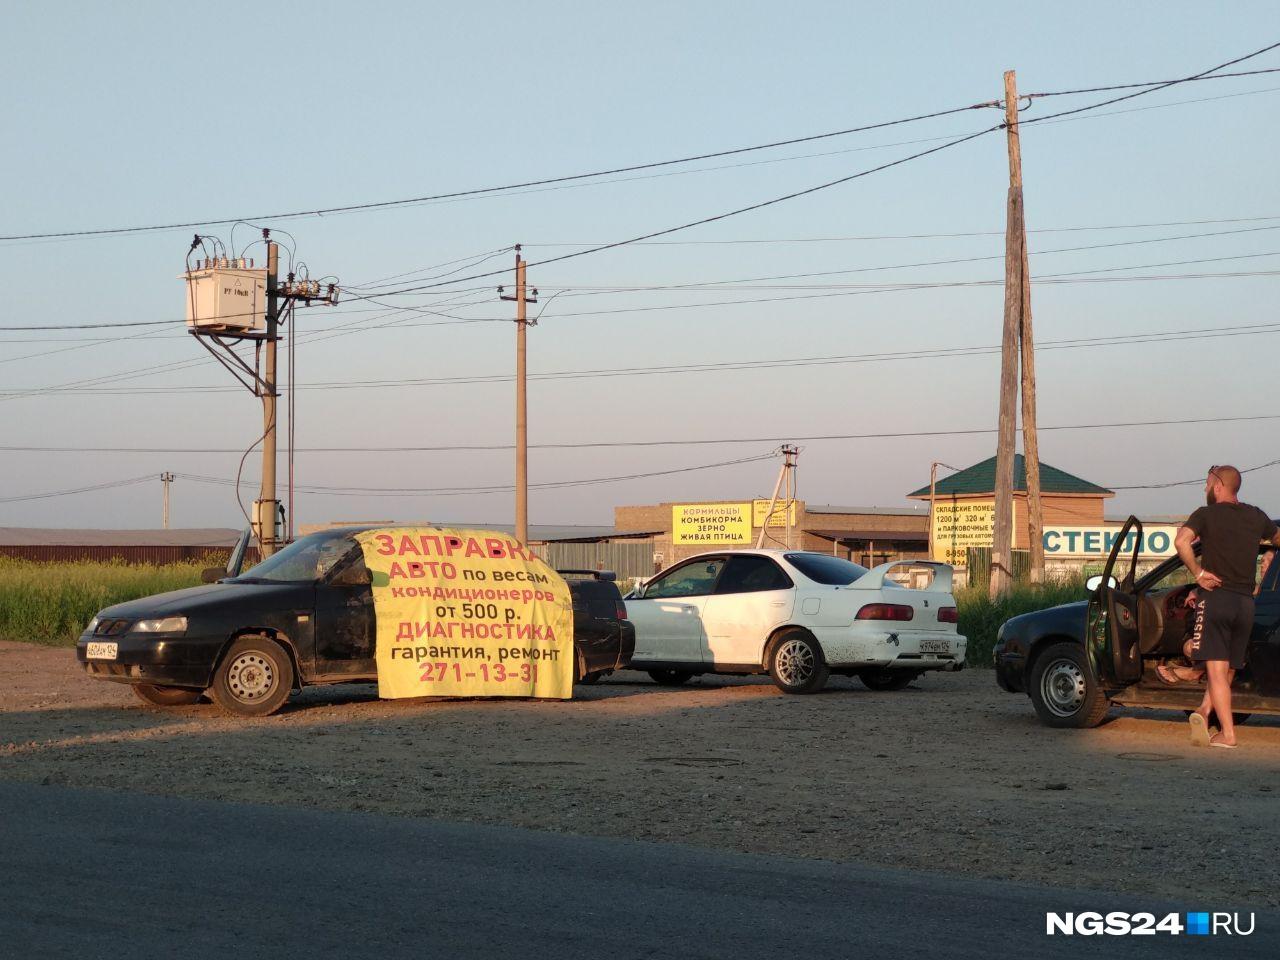 Был бы спрос, желающие заправить и починить кондиционеры в авто найдутся. На дорогах встречаются вереницы желающих, сделать это от 500 рублей. А вы рискуете или отправляетесь в сервис?